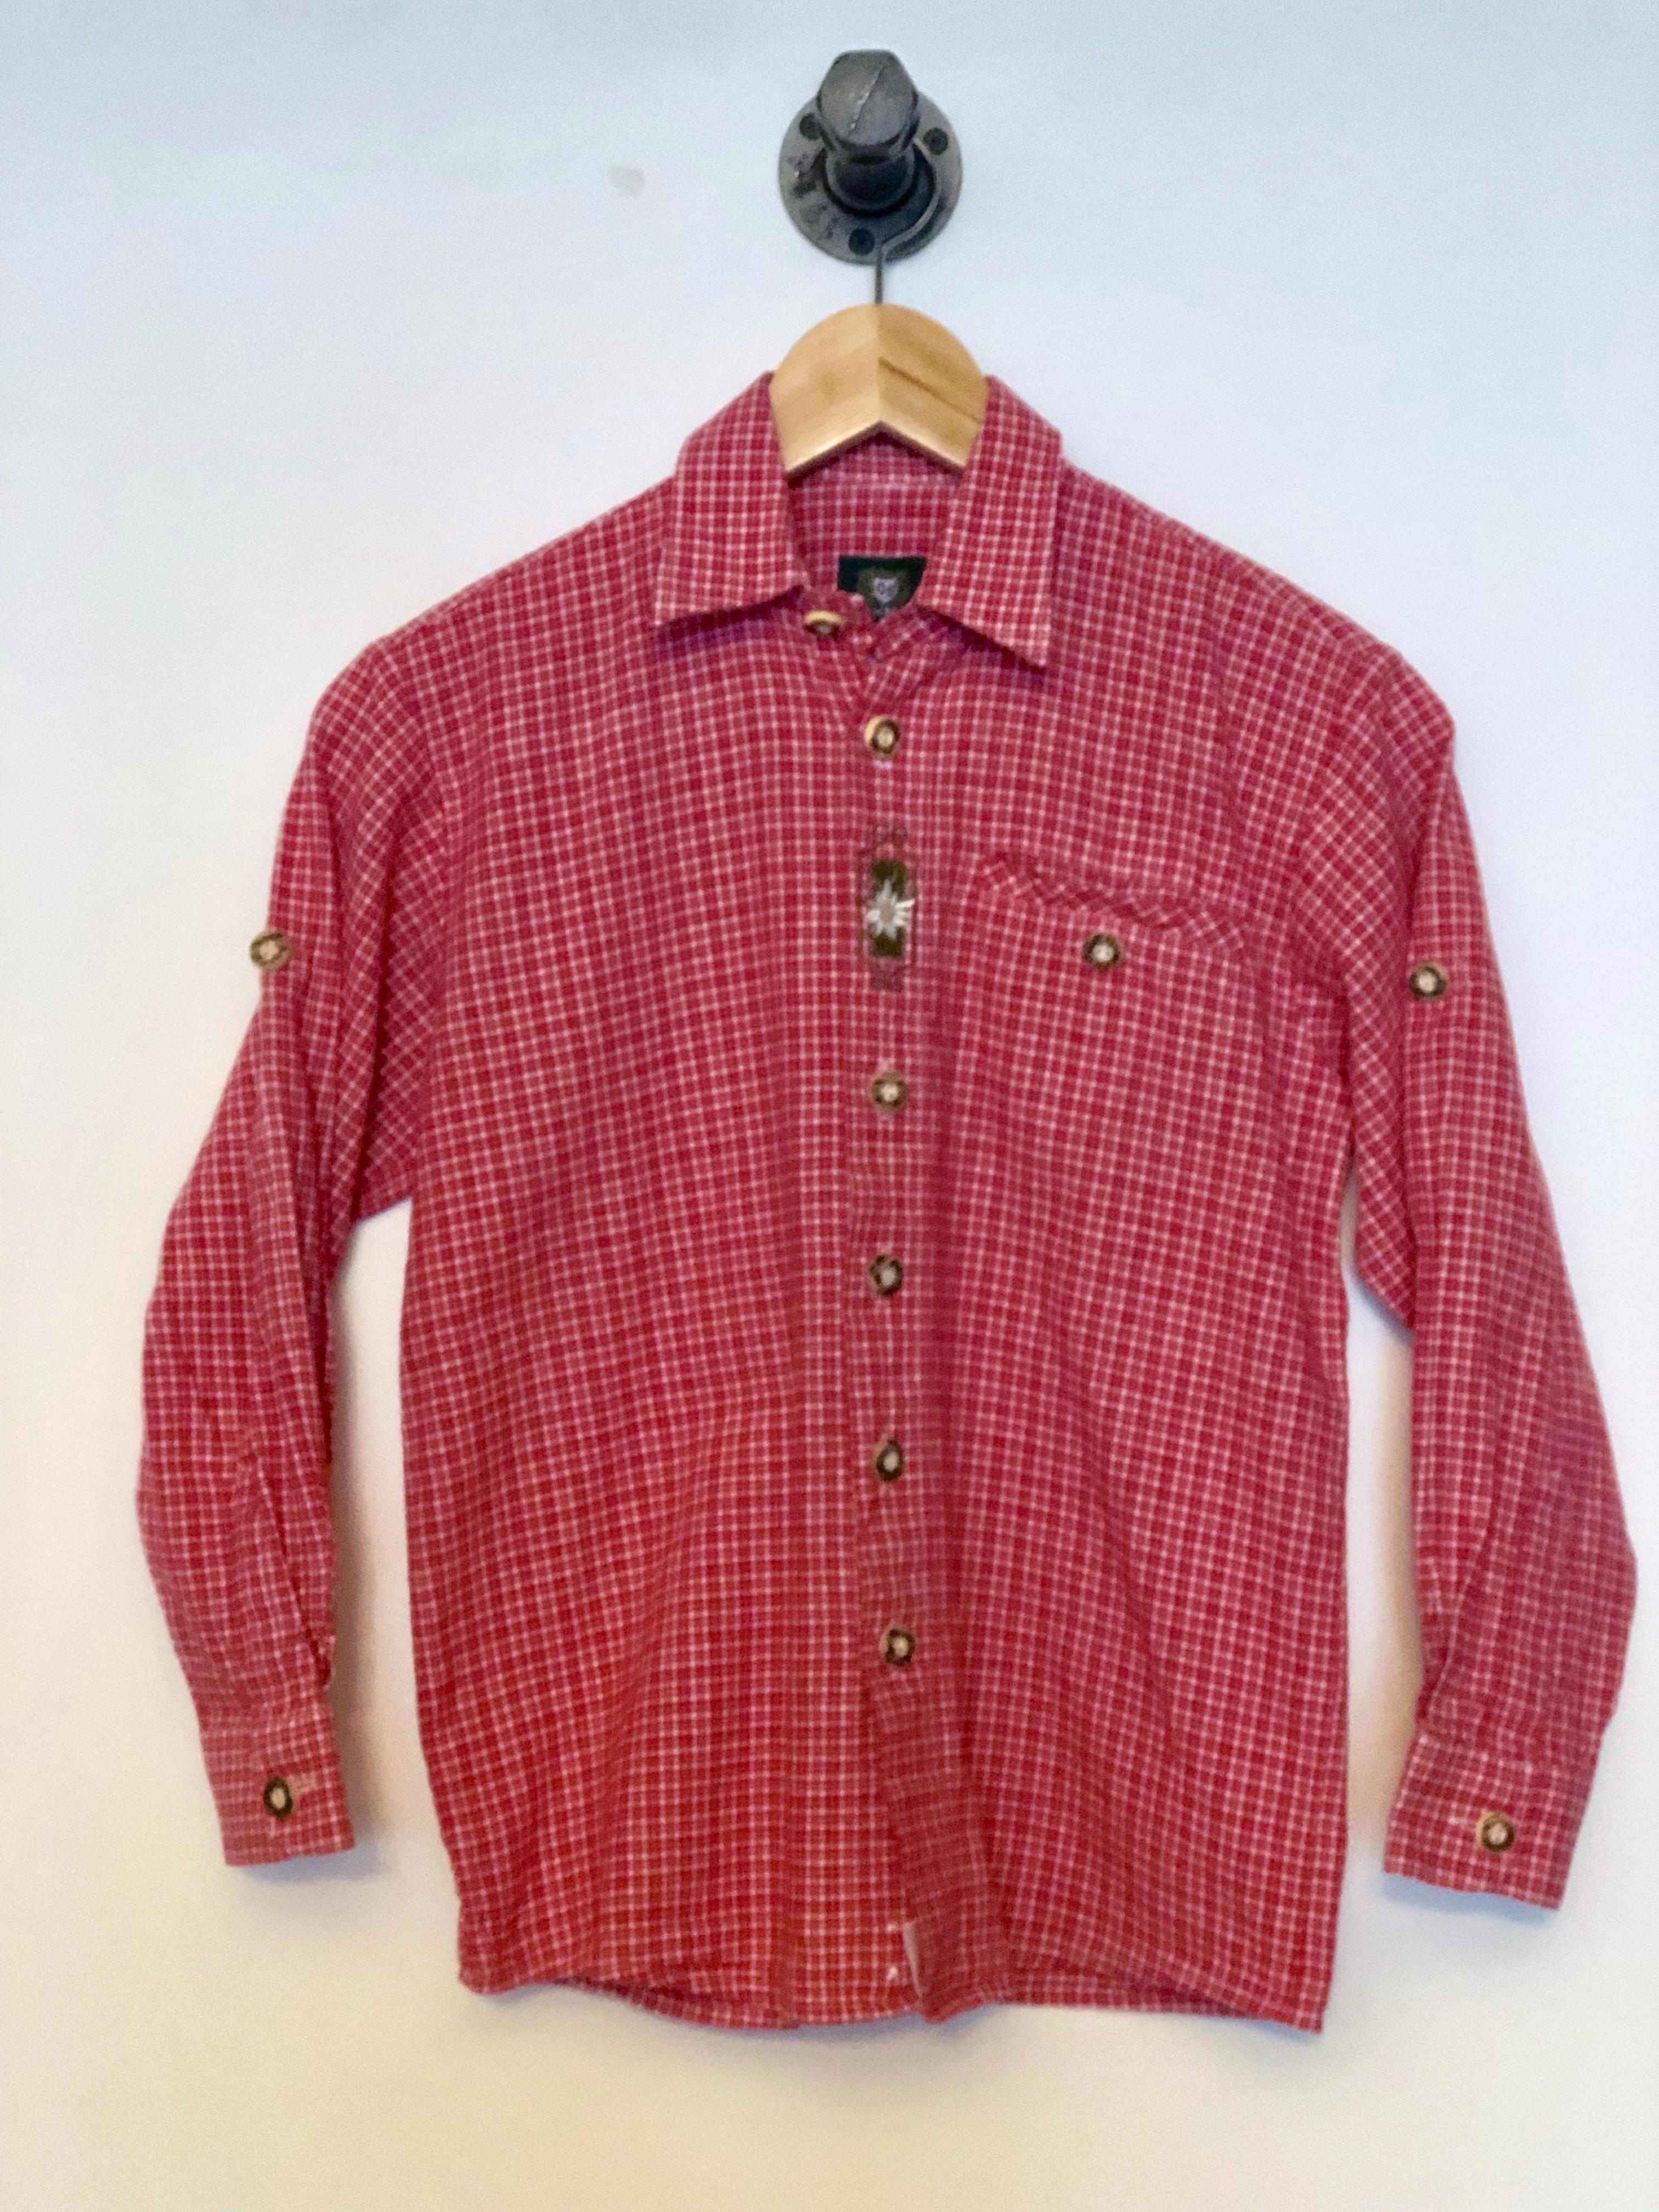 Gr. 134-140 OS Trachten Trachtenhemd